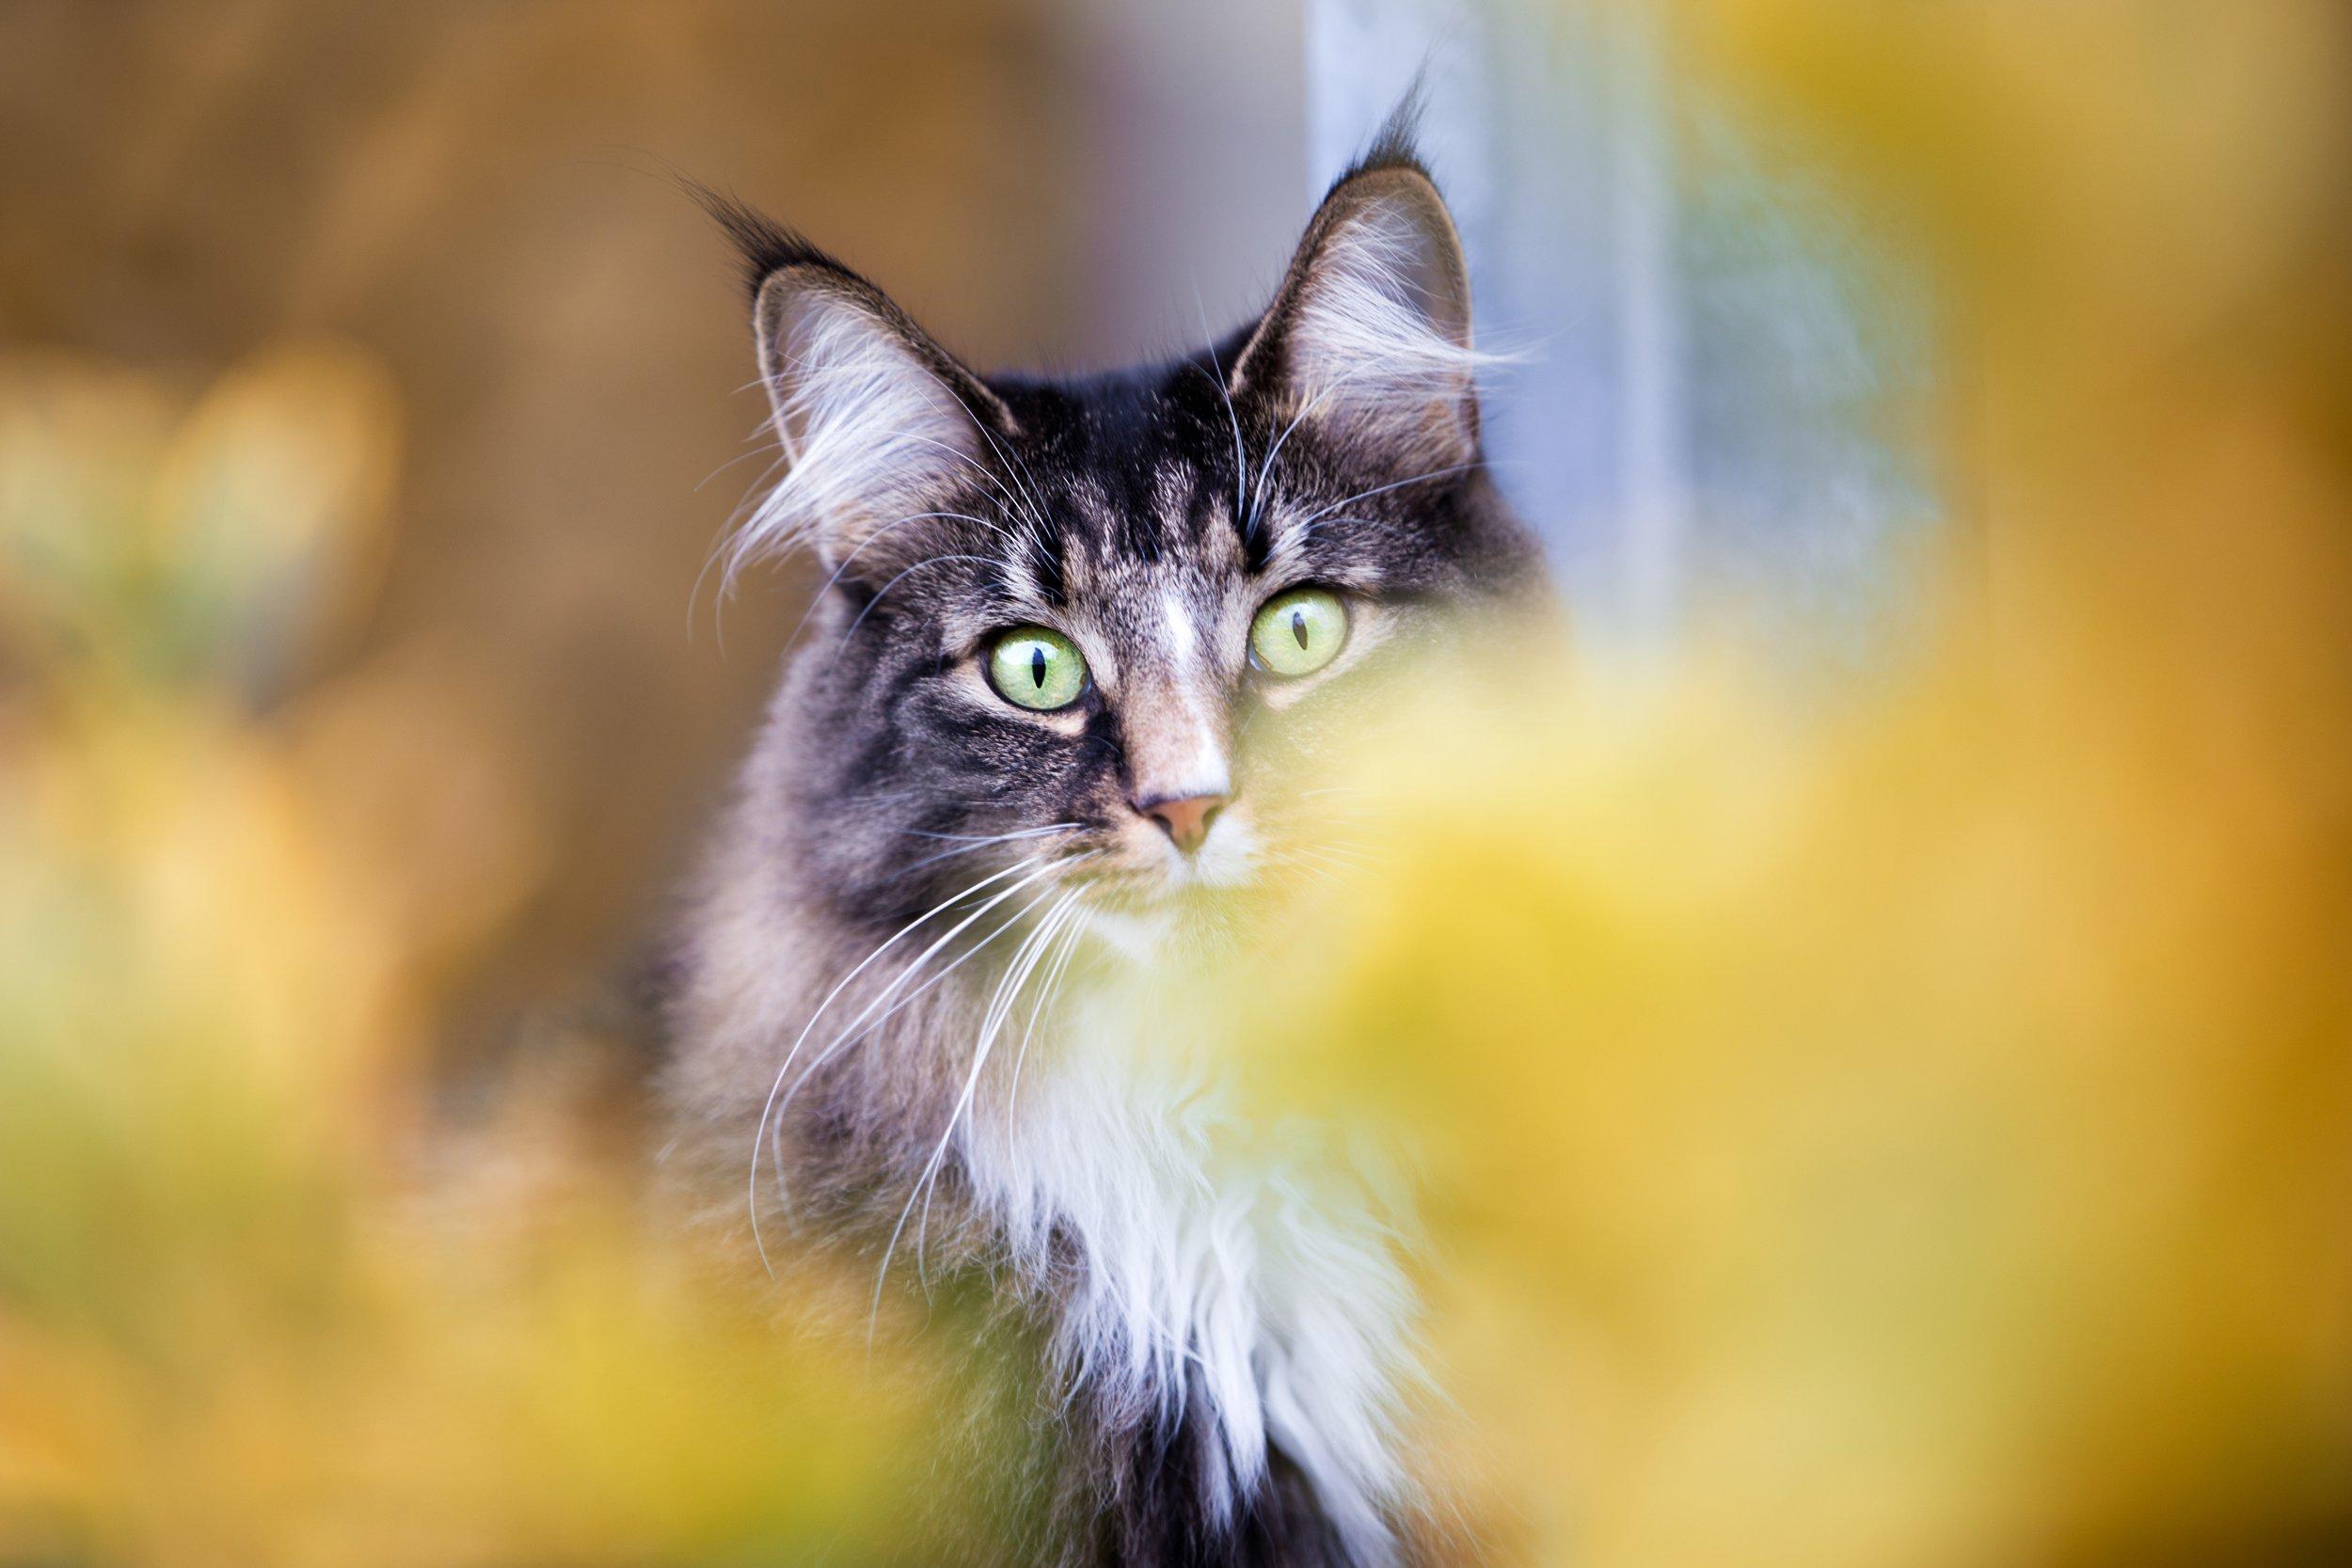 Tierfotografie rund um Basel: Norwegische Waldkatze im Portrait